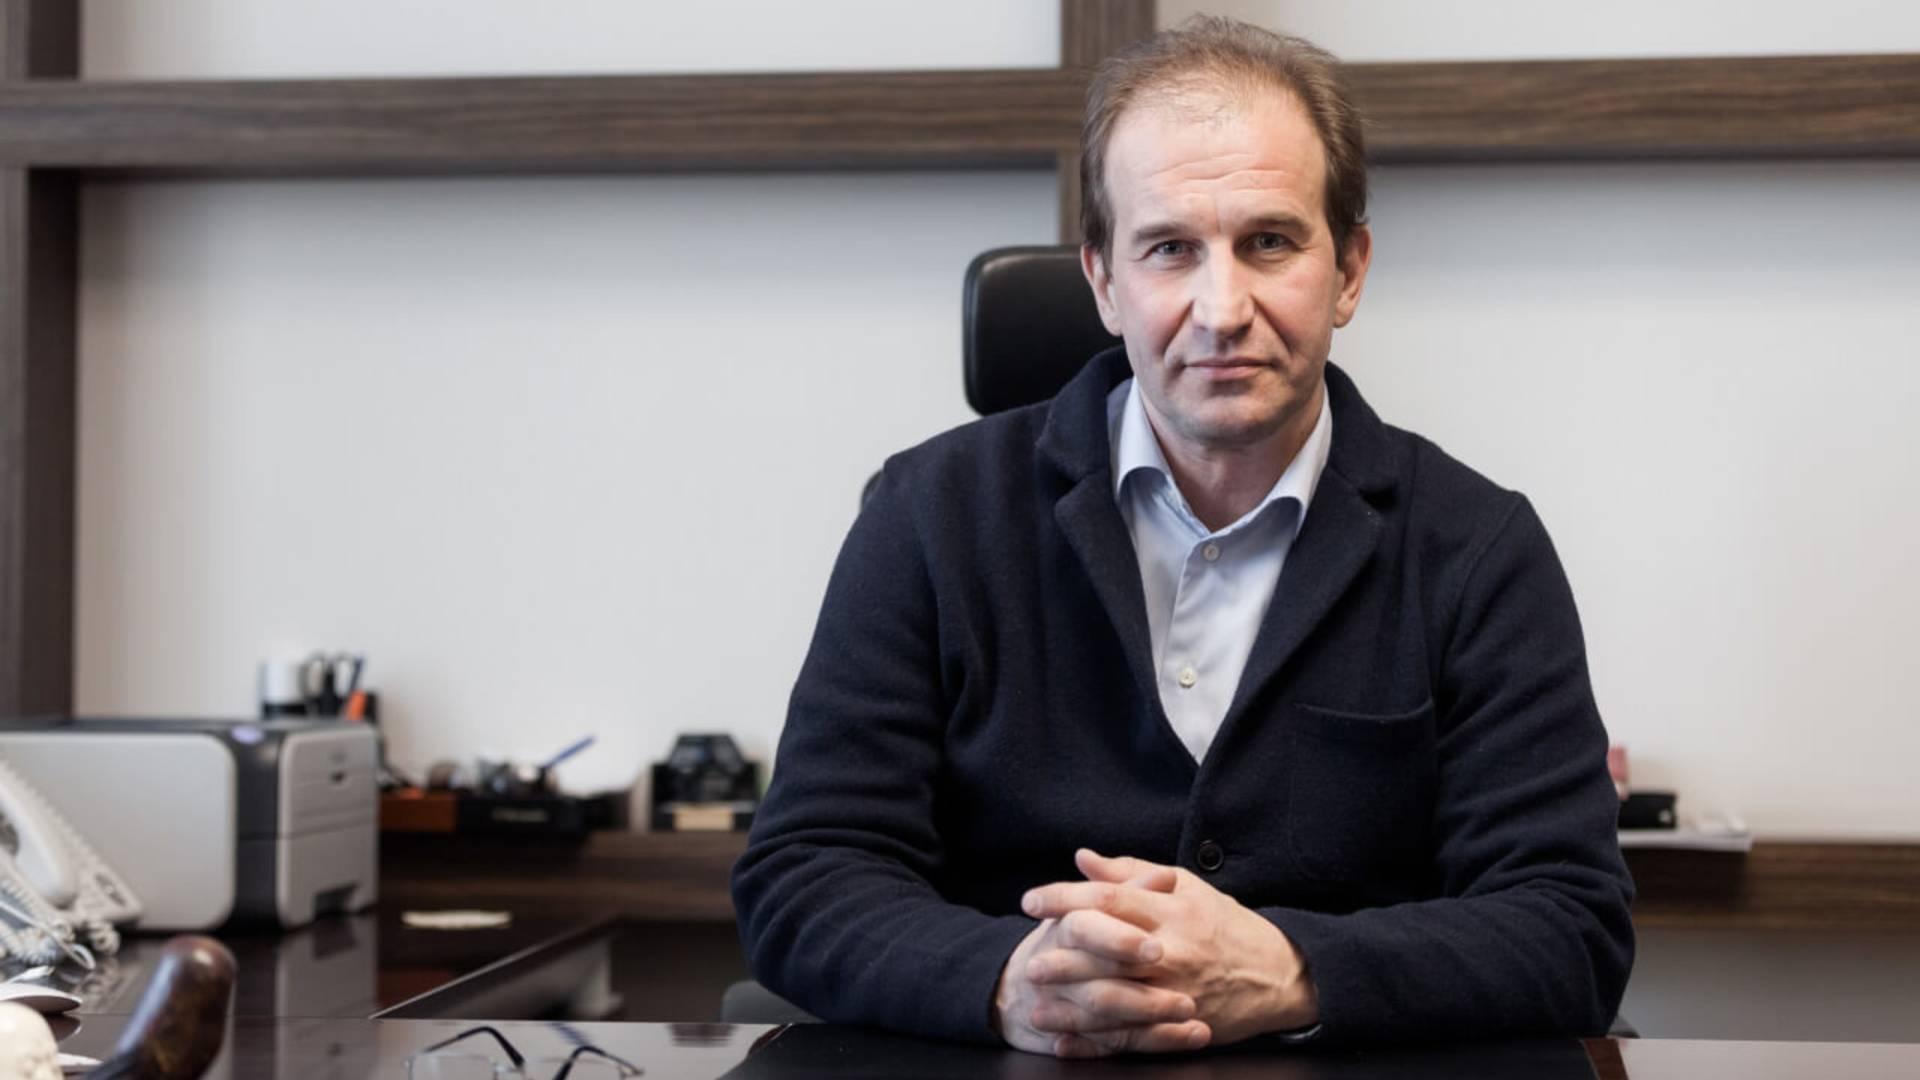 Генеральный директор ГК Автоплюс Павел Игоревич Шестопалов рассказал о причинах дефицита автомобилей, росте цен и о перспективах развития авторынка в интервью.